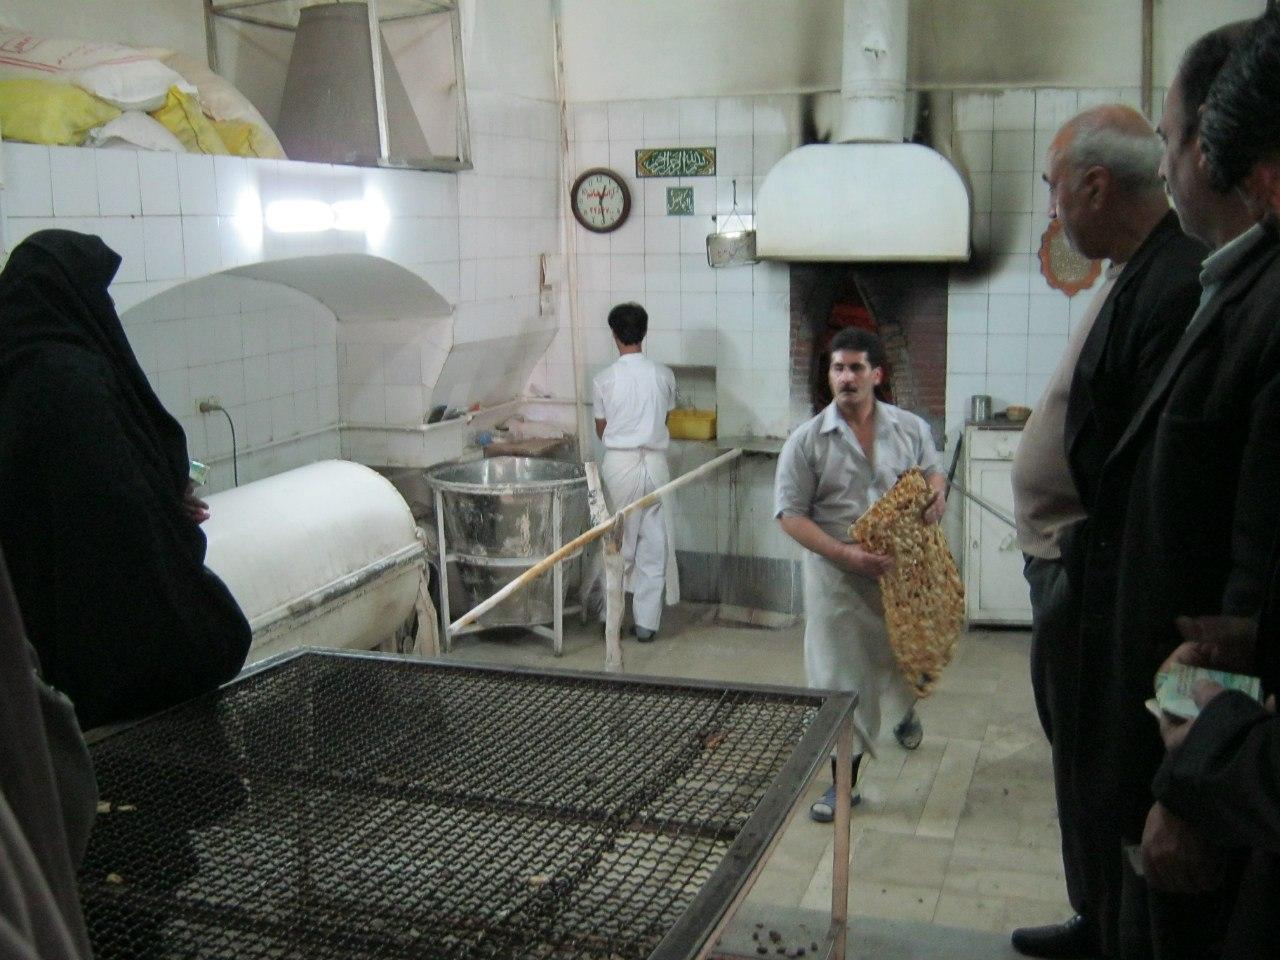 иранская женщина в традиционном чёрном одеянии в пекарне